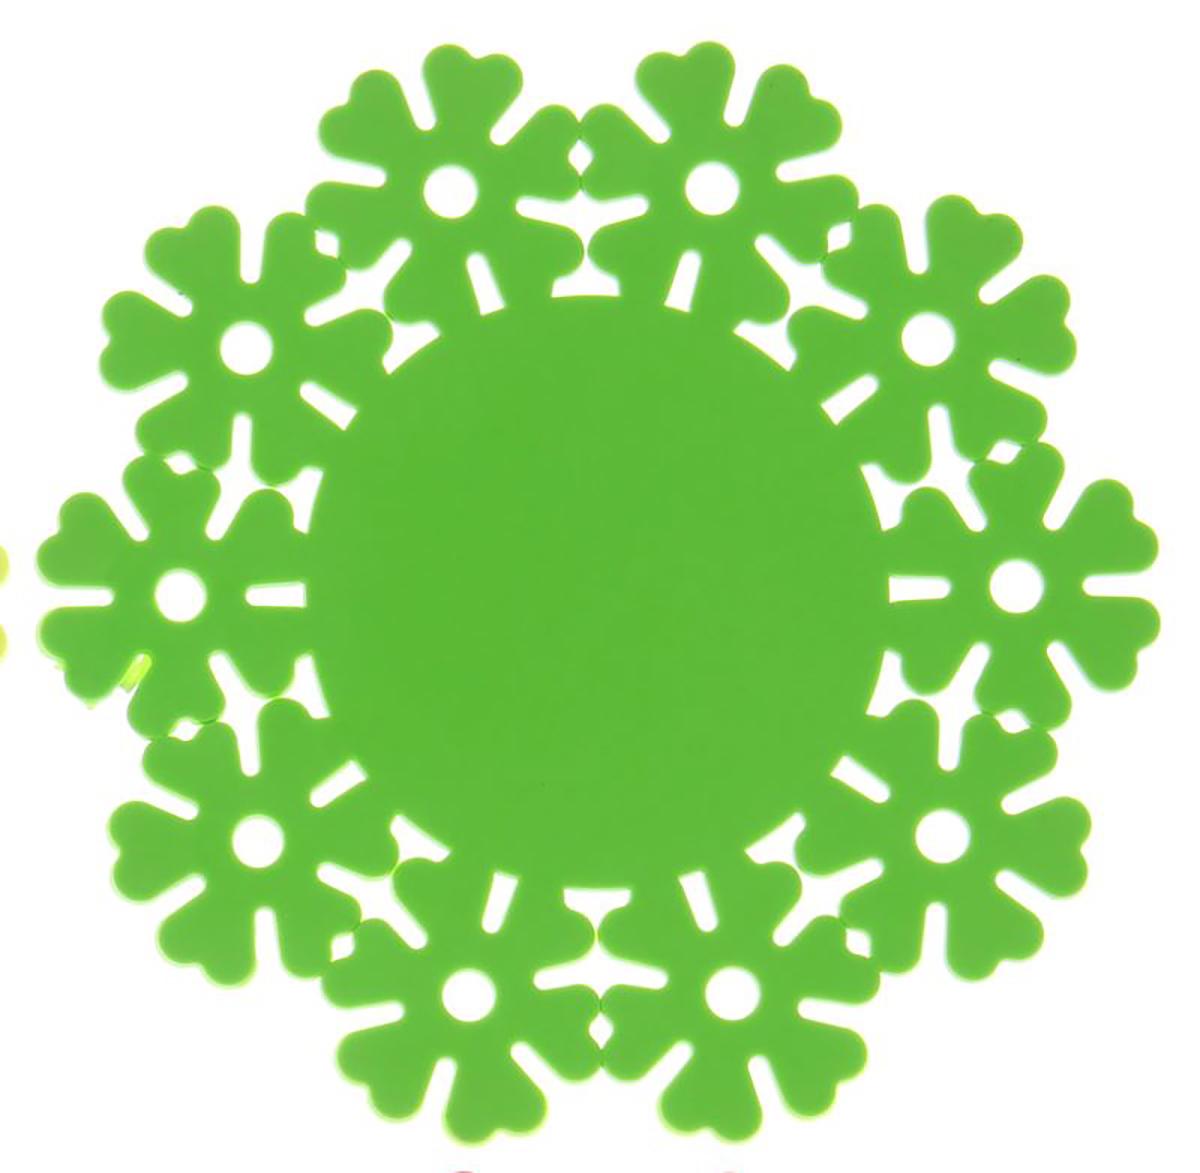 Подставка под горячее Доляна Цветик, цвет: зеленый, 20 см1264155_зеленыйСиликоновая подставка под горячее — практичный предмет, который обязательно пригодится в хозяйстве. Изделие поможет сберечь столы, тумбы, скатерти и клеёнки от повреждения нагретыми сковородами, кастрюлями, чайниками и тарелками.